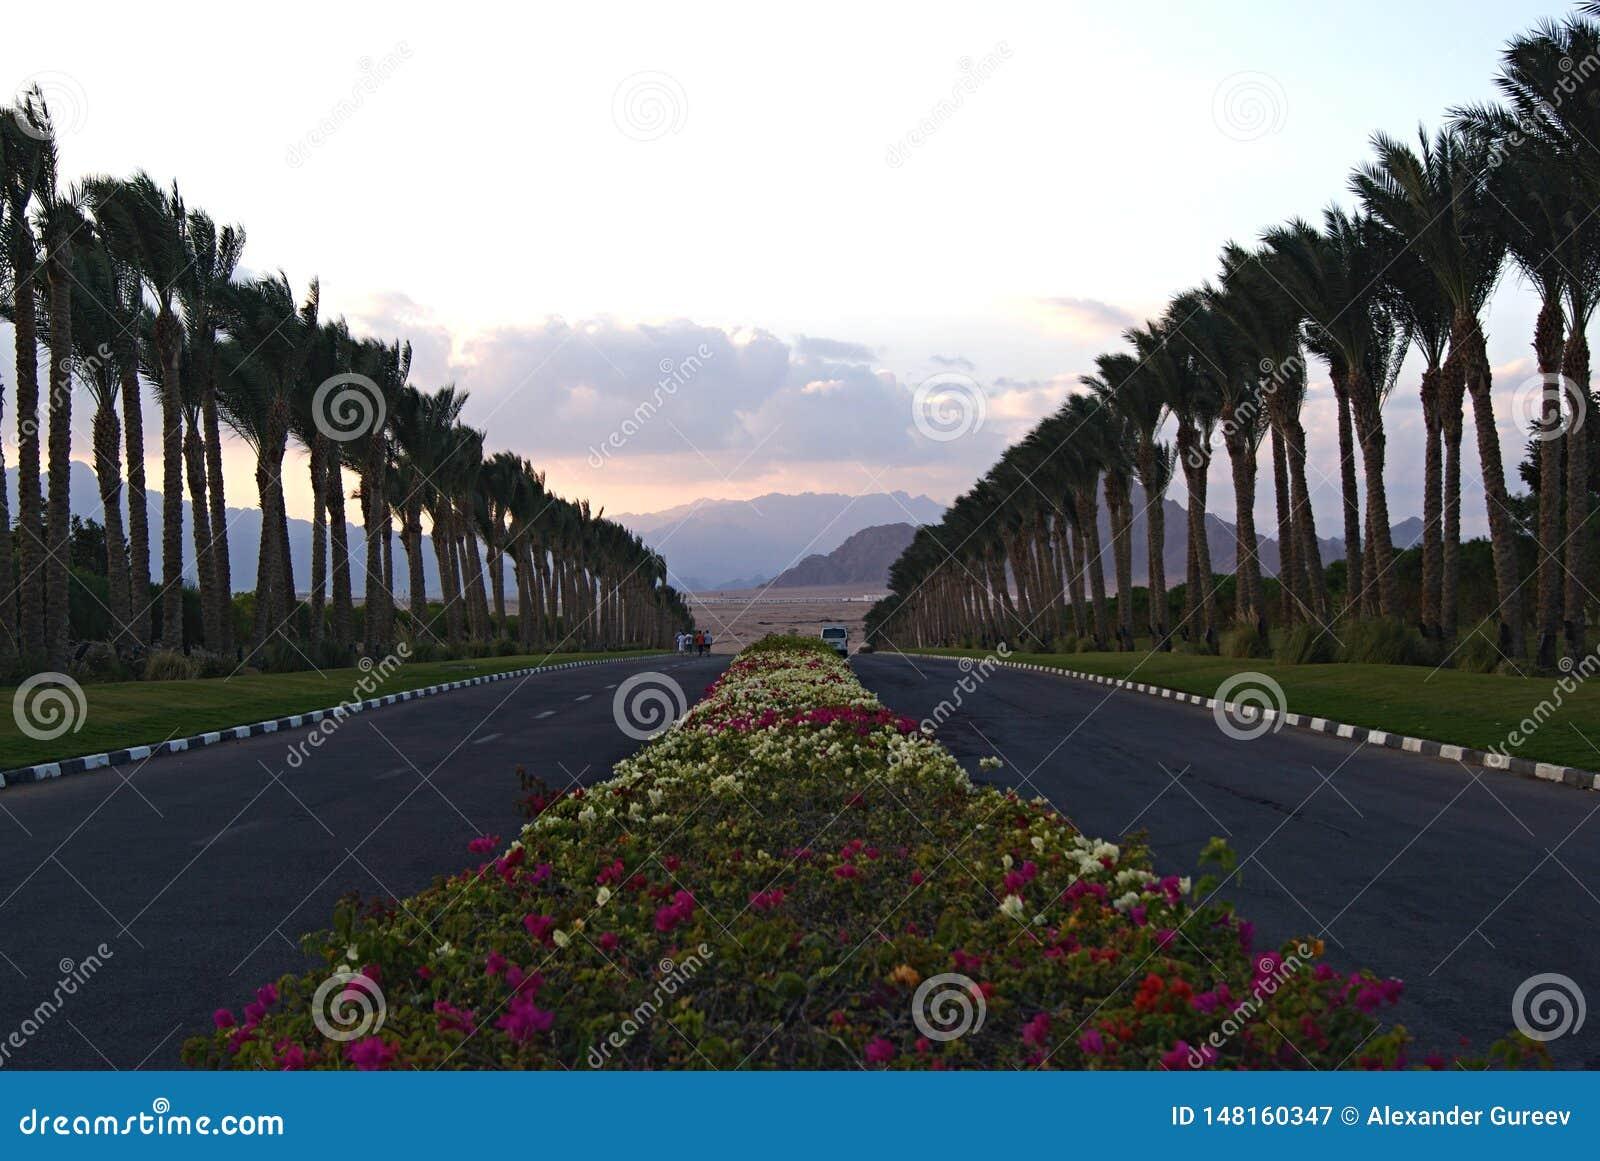 Bloemen en palmen op de manier aan de woestijn